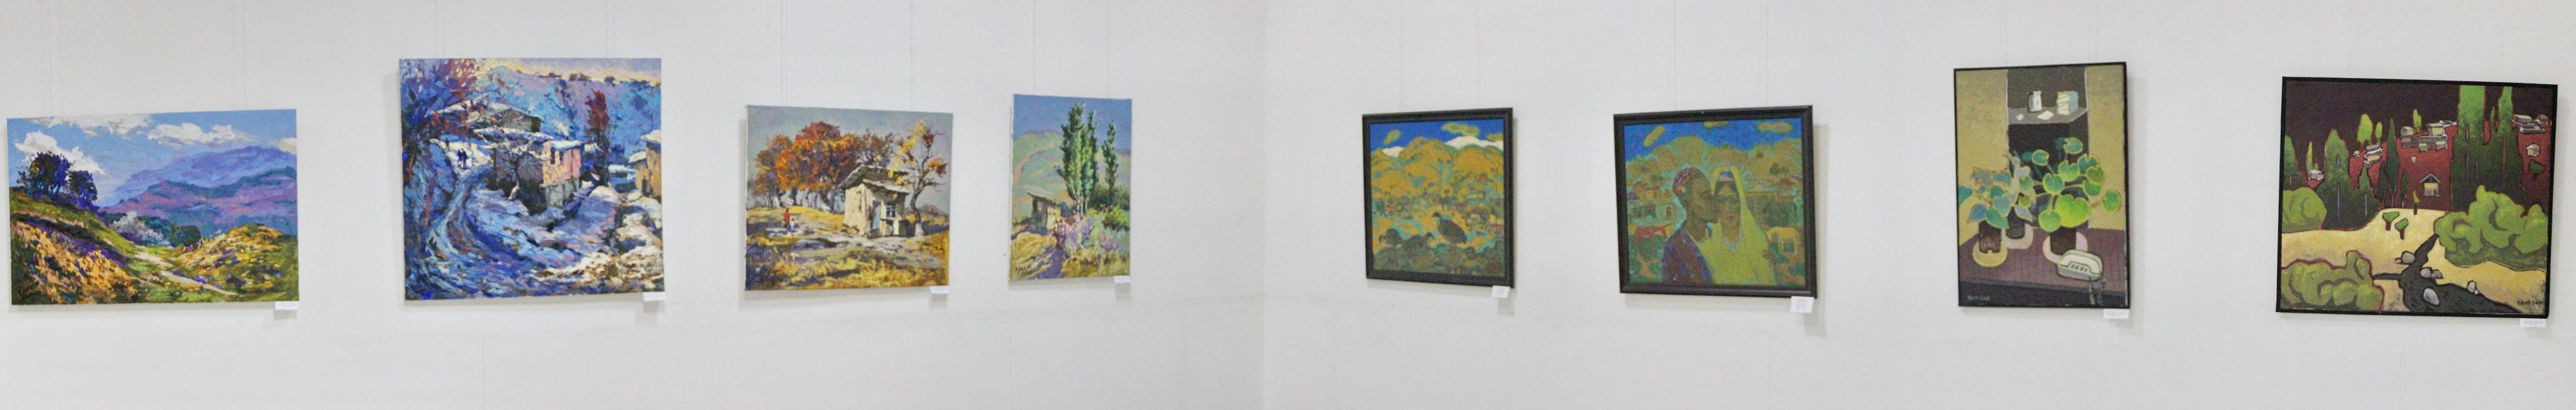 Экспозиция картин